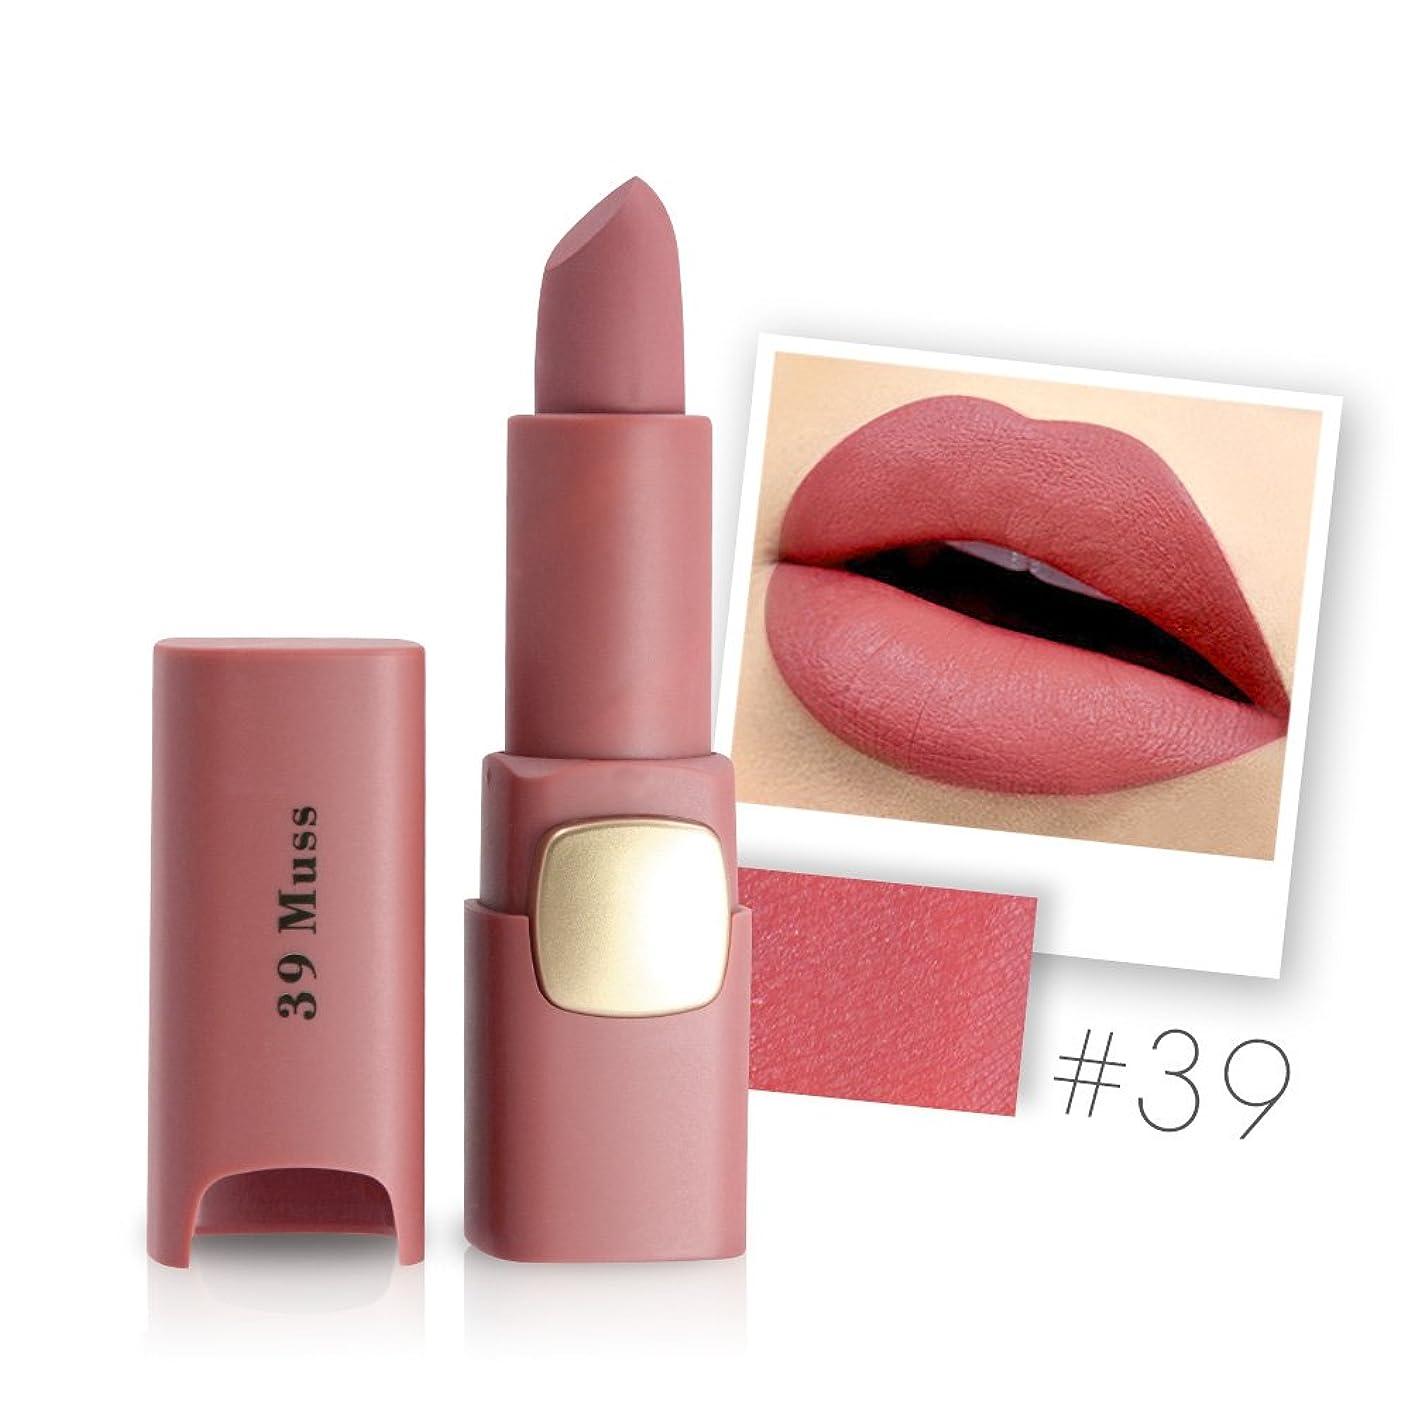 スカウトフォーカス精神医学Miss Rose Brand Matte Lipstick Waterproof Lips Moisturizing Easy To Wear Makeup Lip Sticks Gloss Lipsticks Cosmetic